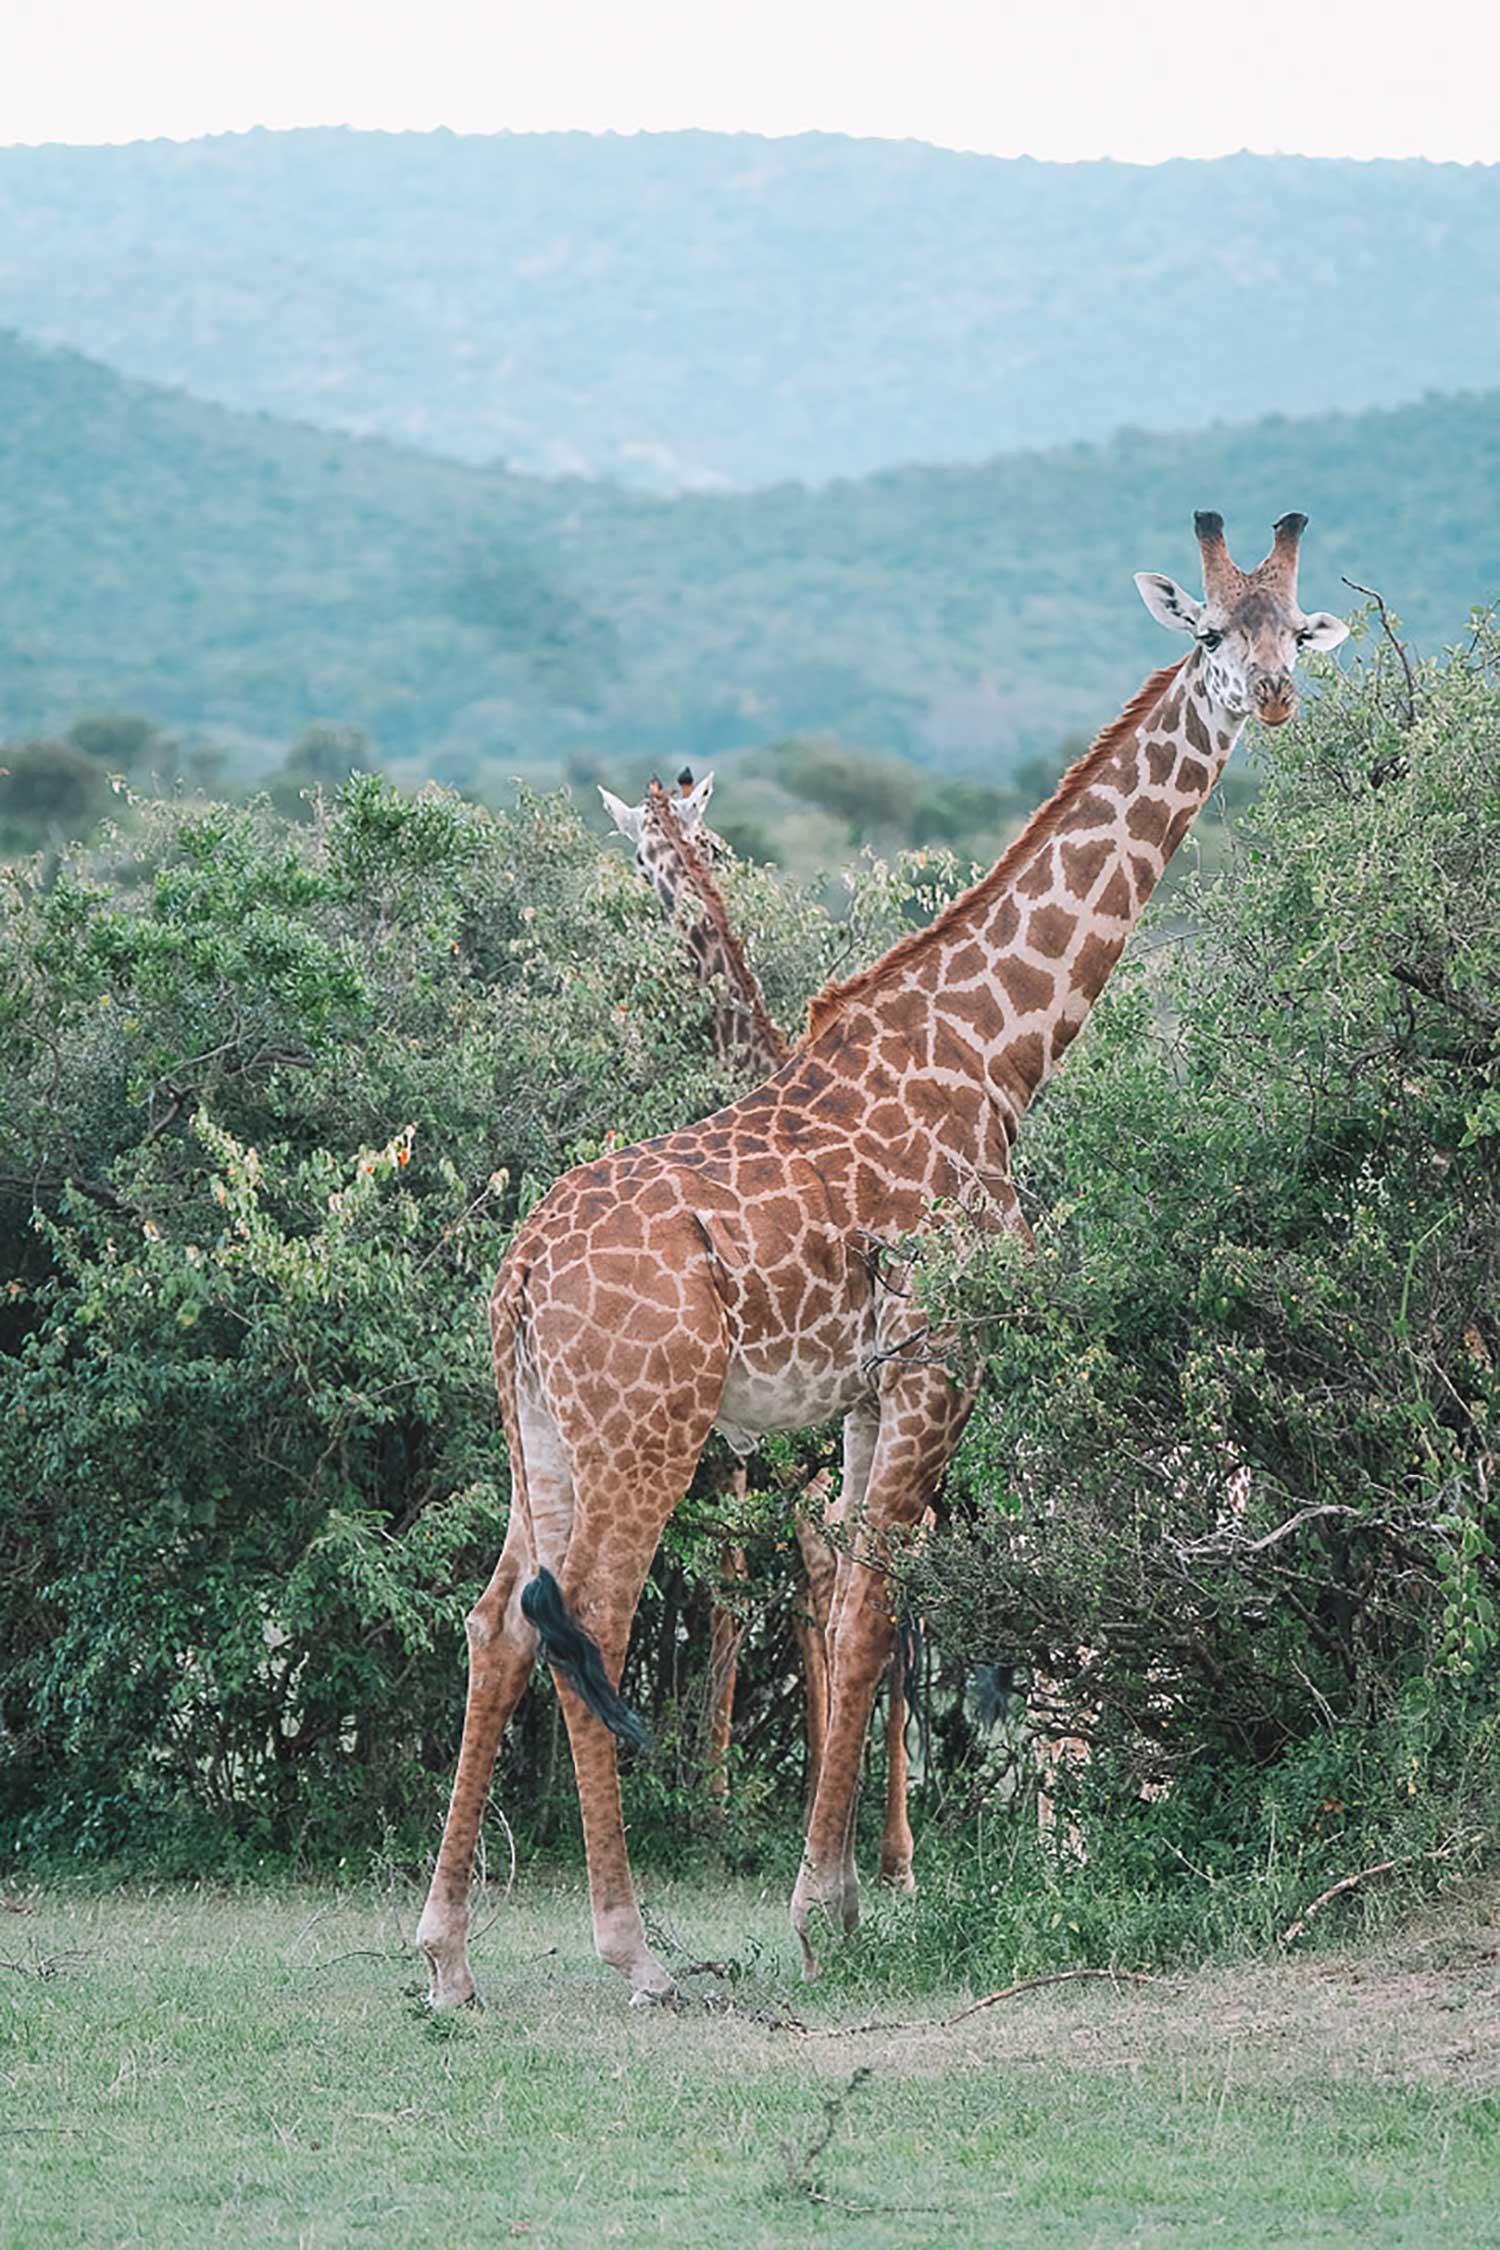 Kenya Giraffes